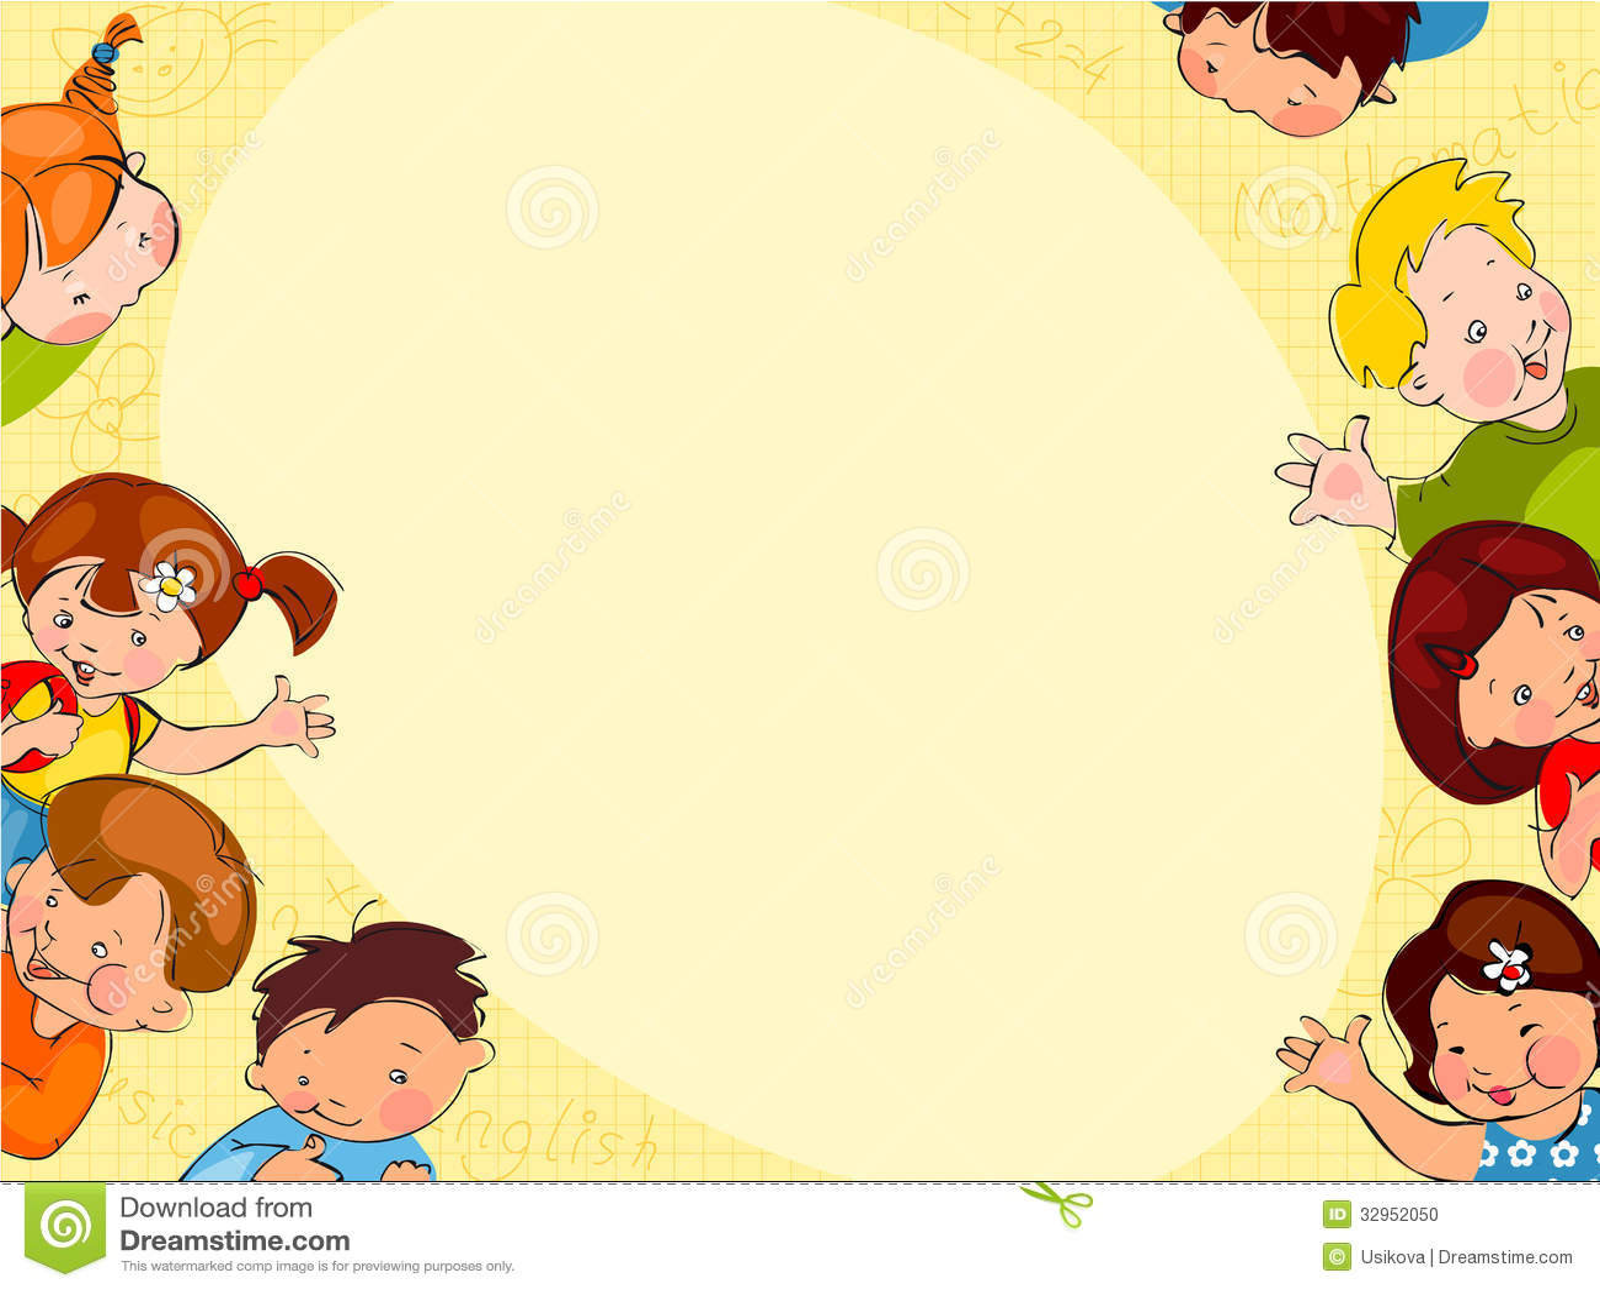 kids school background designs